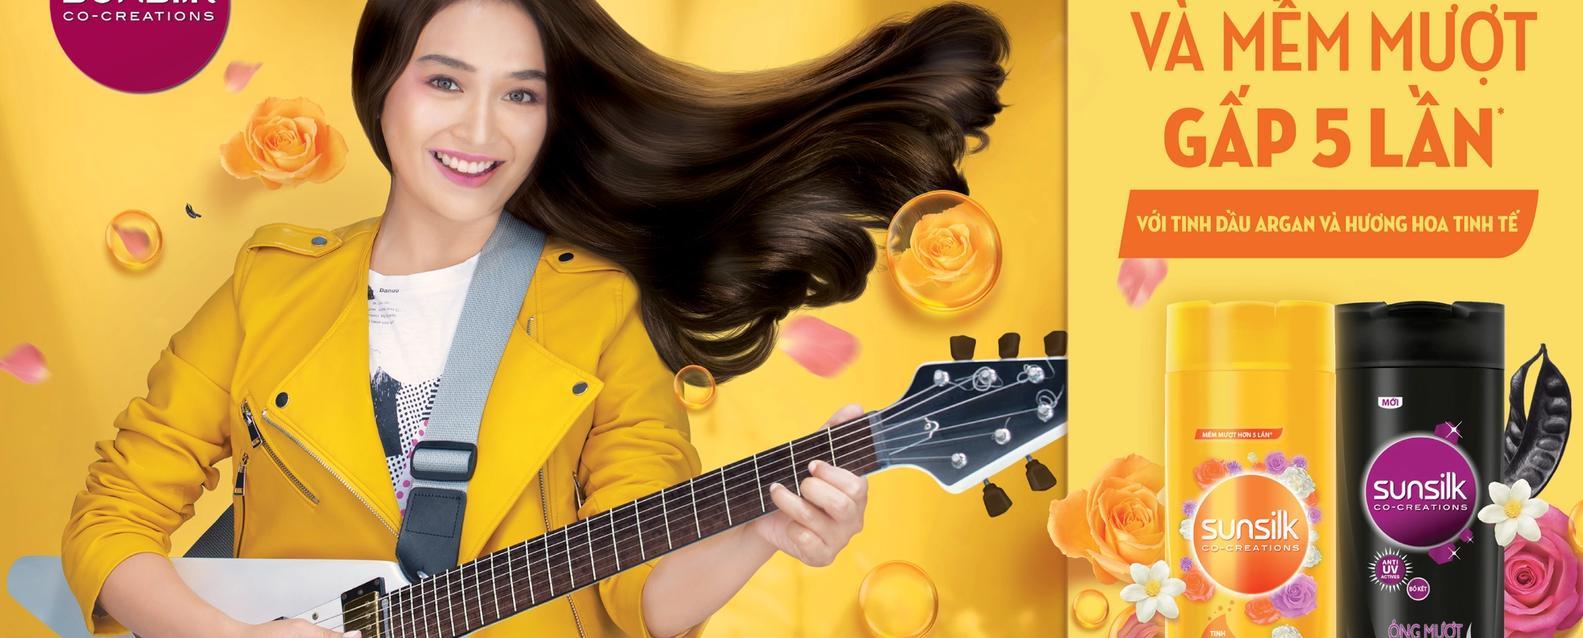 Cô gái với mái tóc mềm mượt ngát hương chơi guitar say mê cạnh dầu gội Sunsilk